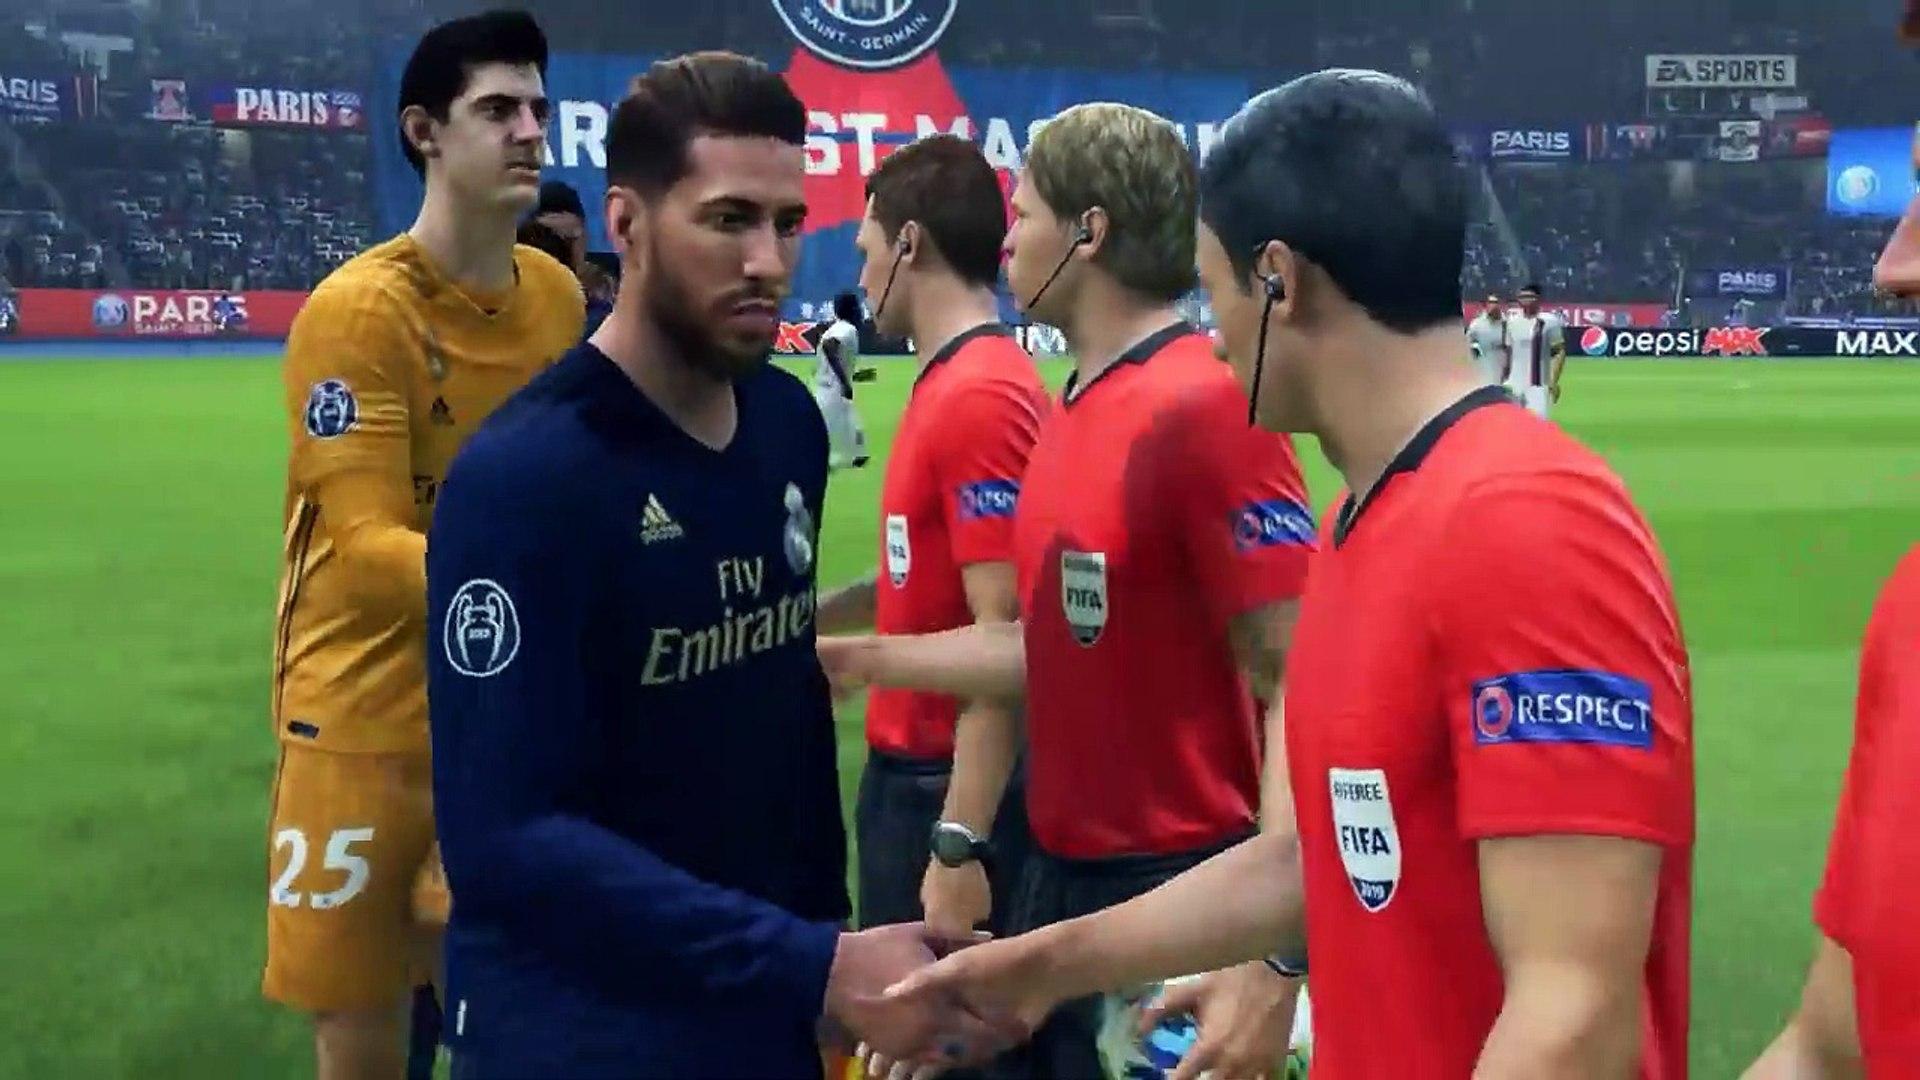 Link Xem Trực Tiếp PSG vs Real Madrid - Bóng Đá Cup C1